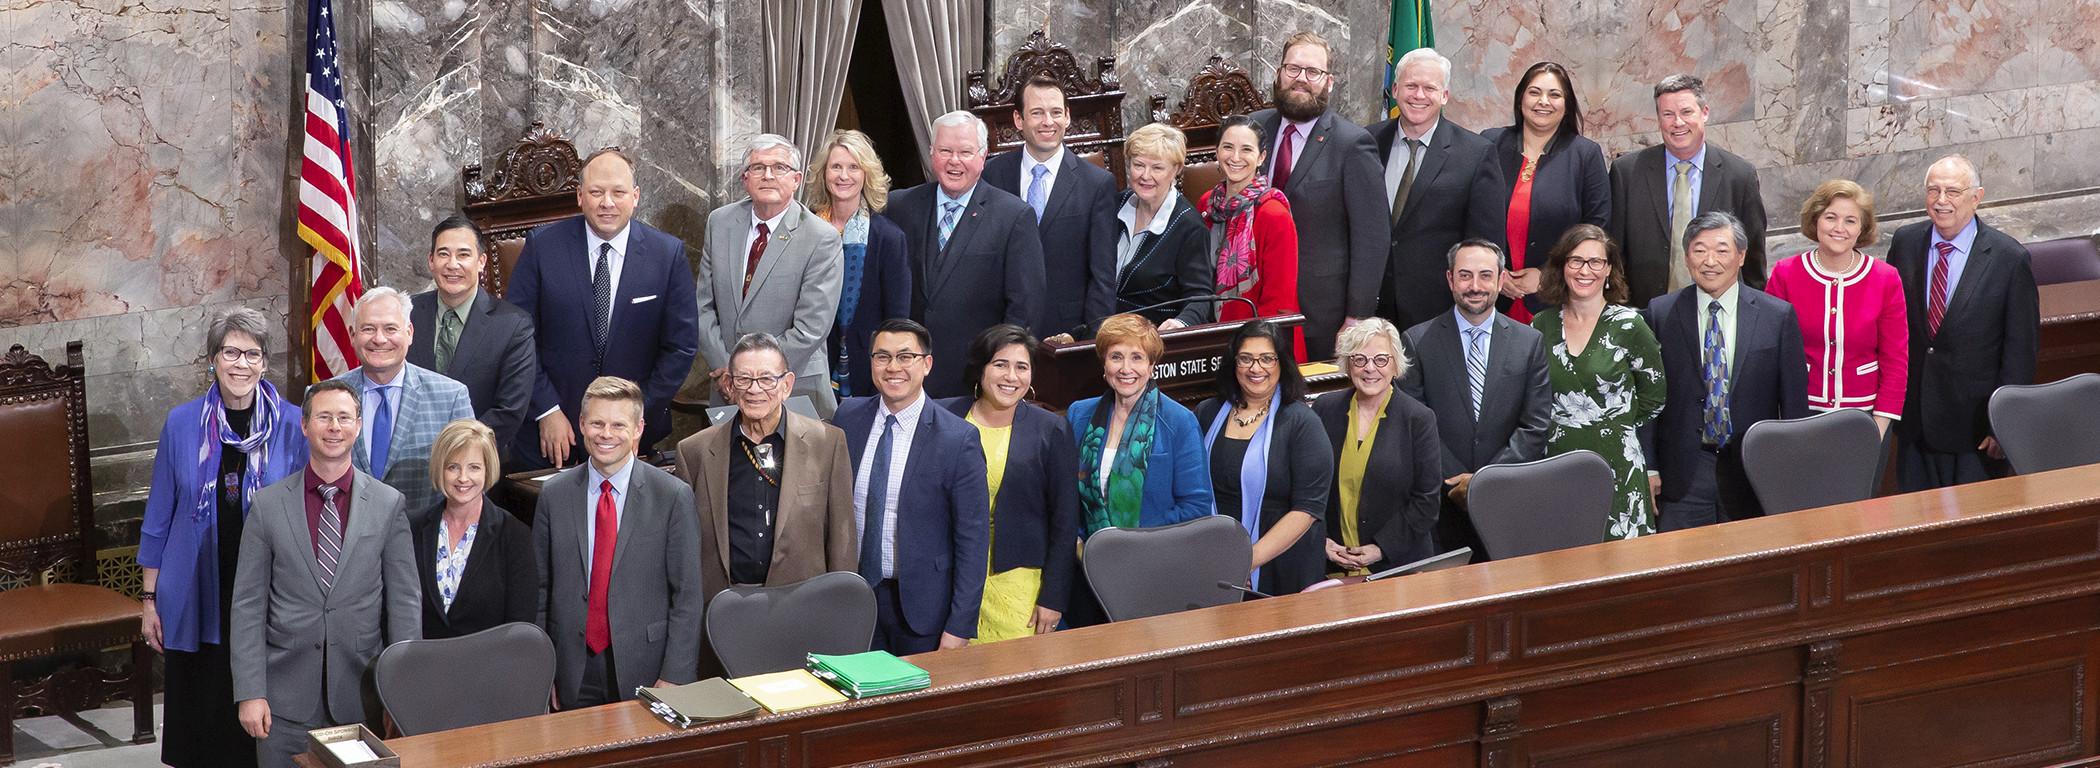 2019 WA State Senate Democrats